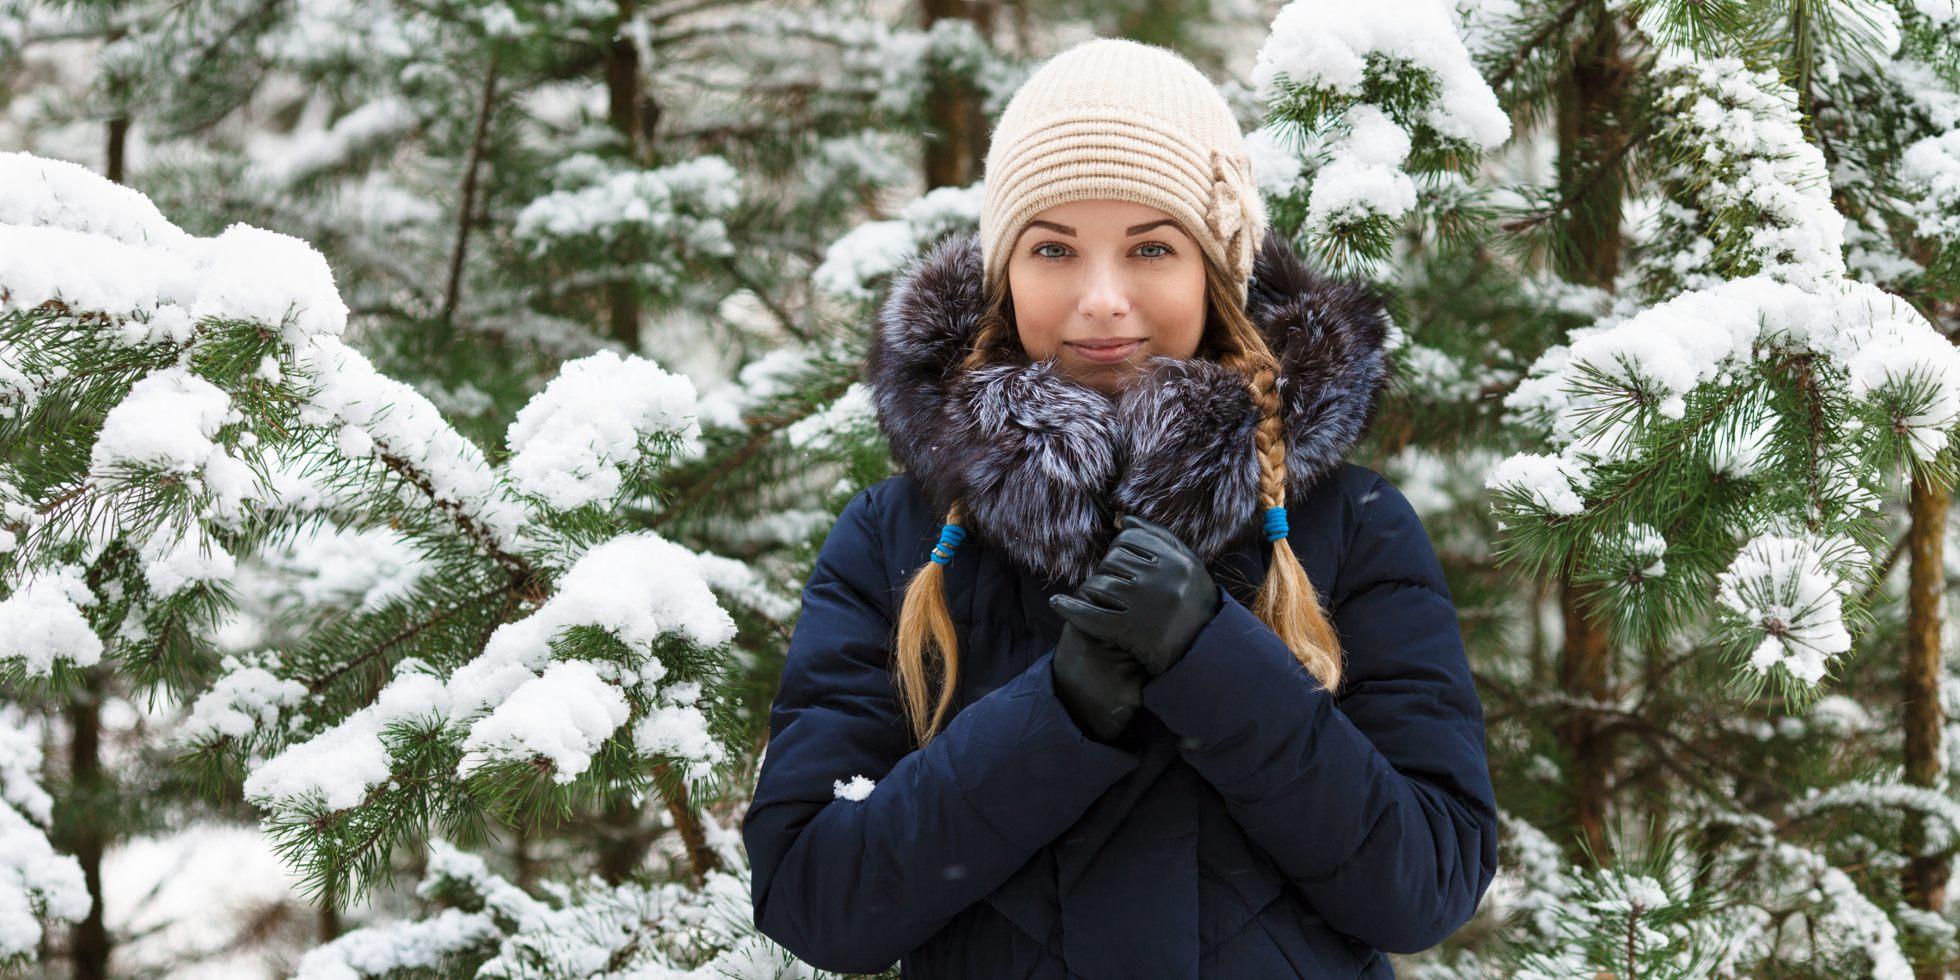 fe99dede Udenfor i kulden, ud i naturen, så du ikke bliver forkølet! - NaturGuide.dk  - Danmarks natur på nettet